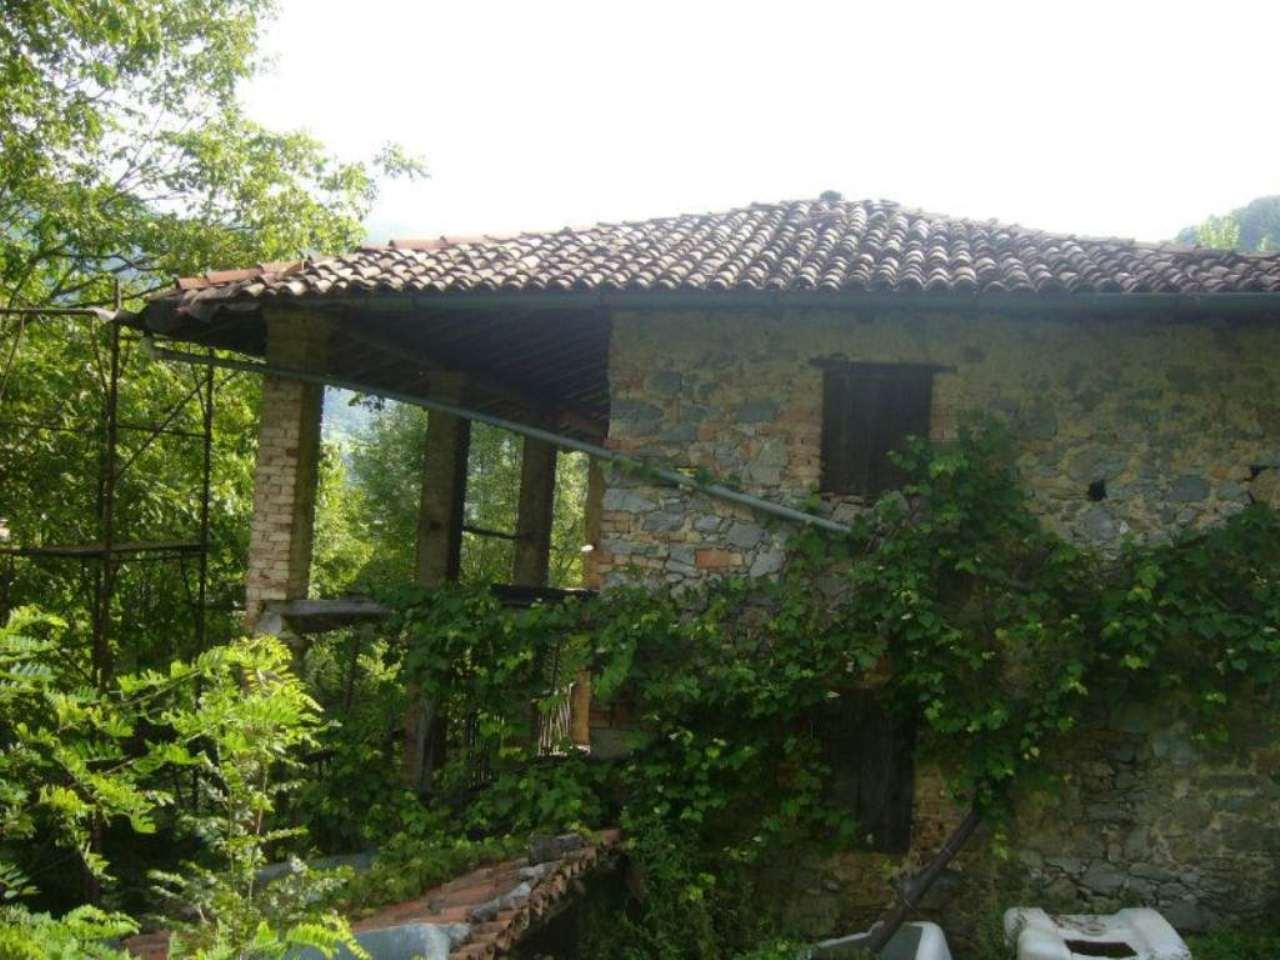 Rustico / Casale in vendita a Gandino, 4 locali, prezzo € 135.000 | Cambio Casa.it